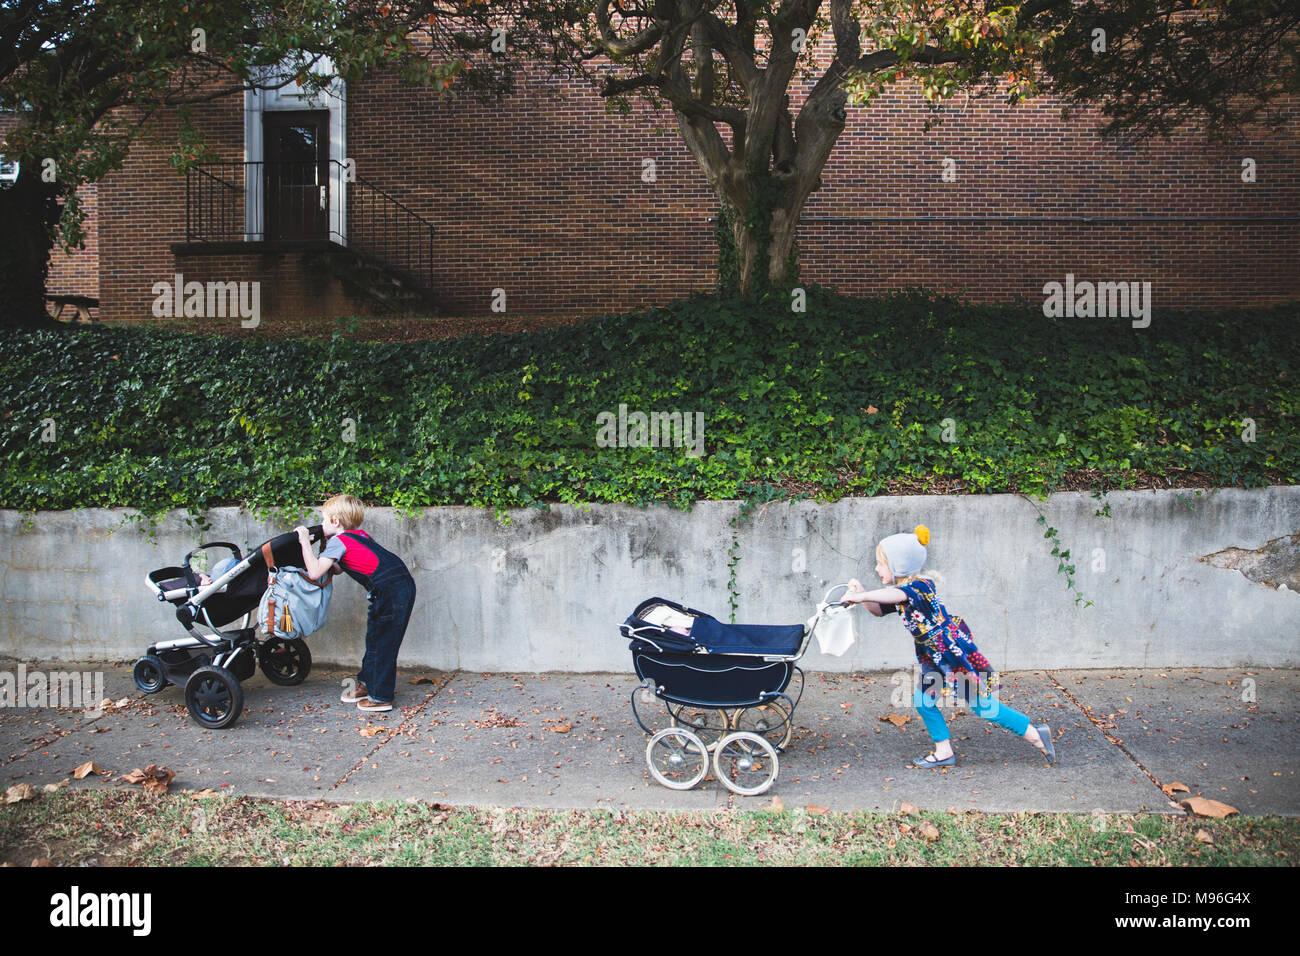 Kinder schieben Kinderwagen auf der Straße Stockbild